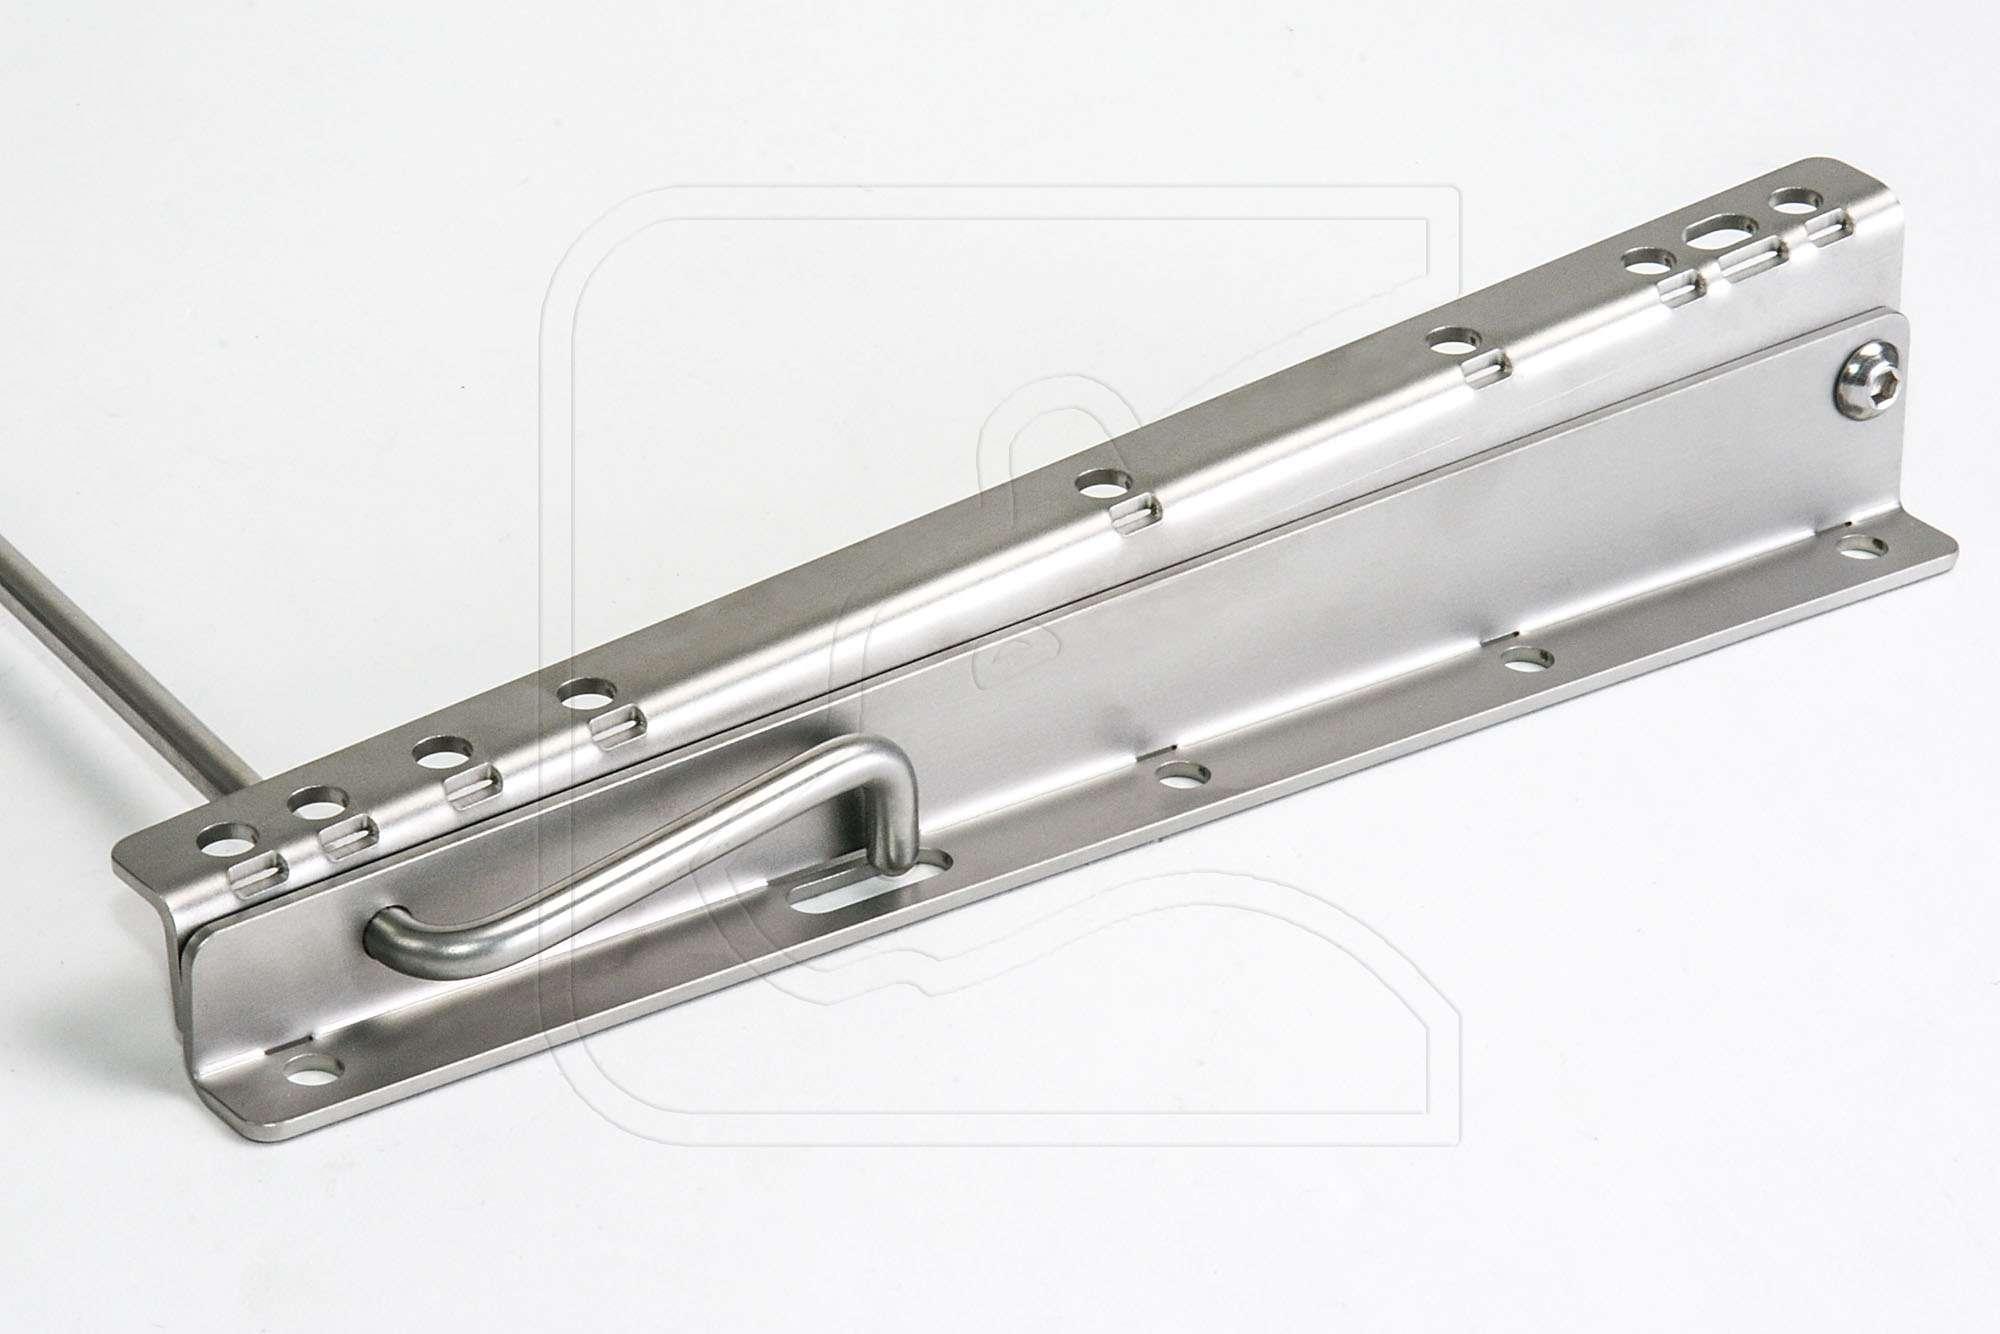 KLKO-Klappkonsole-Edelstahl-4-WZ_1280x1280@2x Fabelhafte Led Ersatz Für R7s Dekorationen